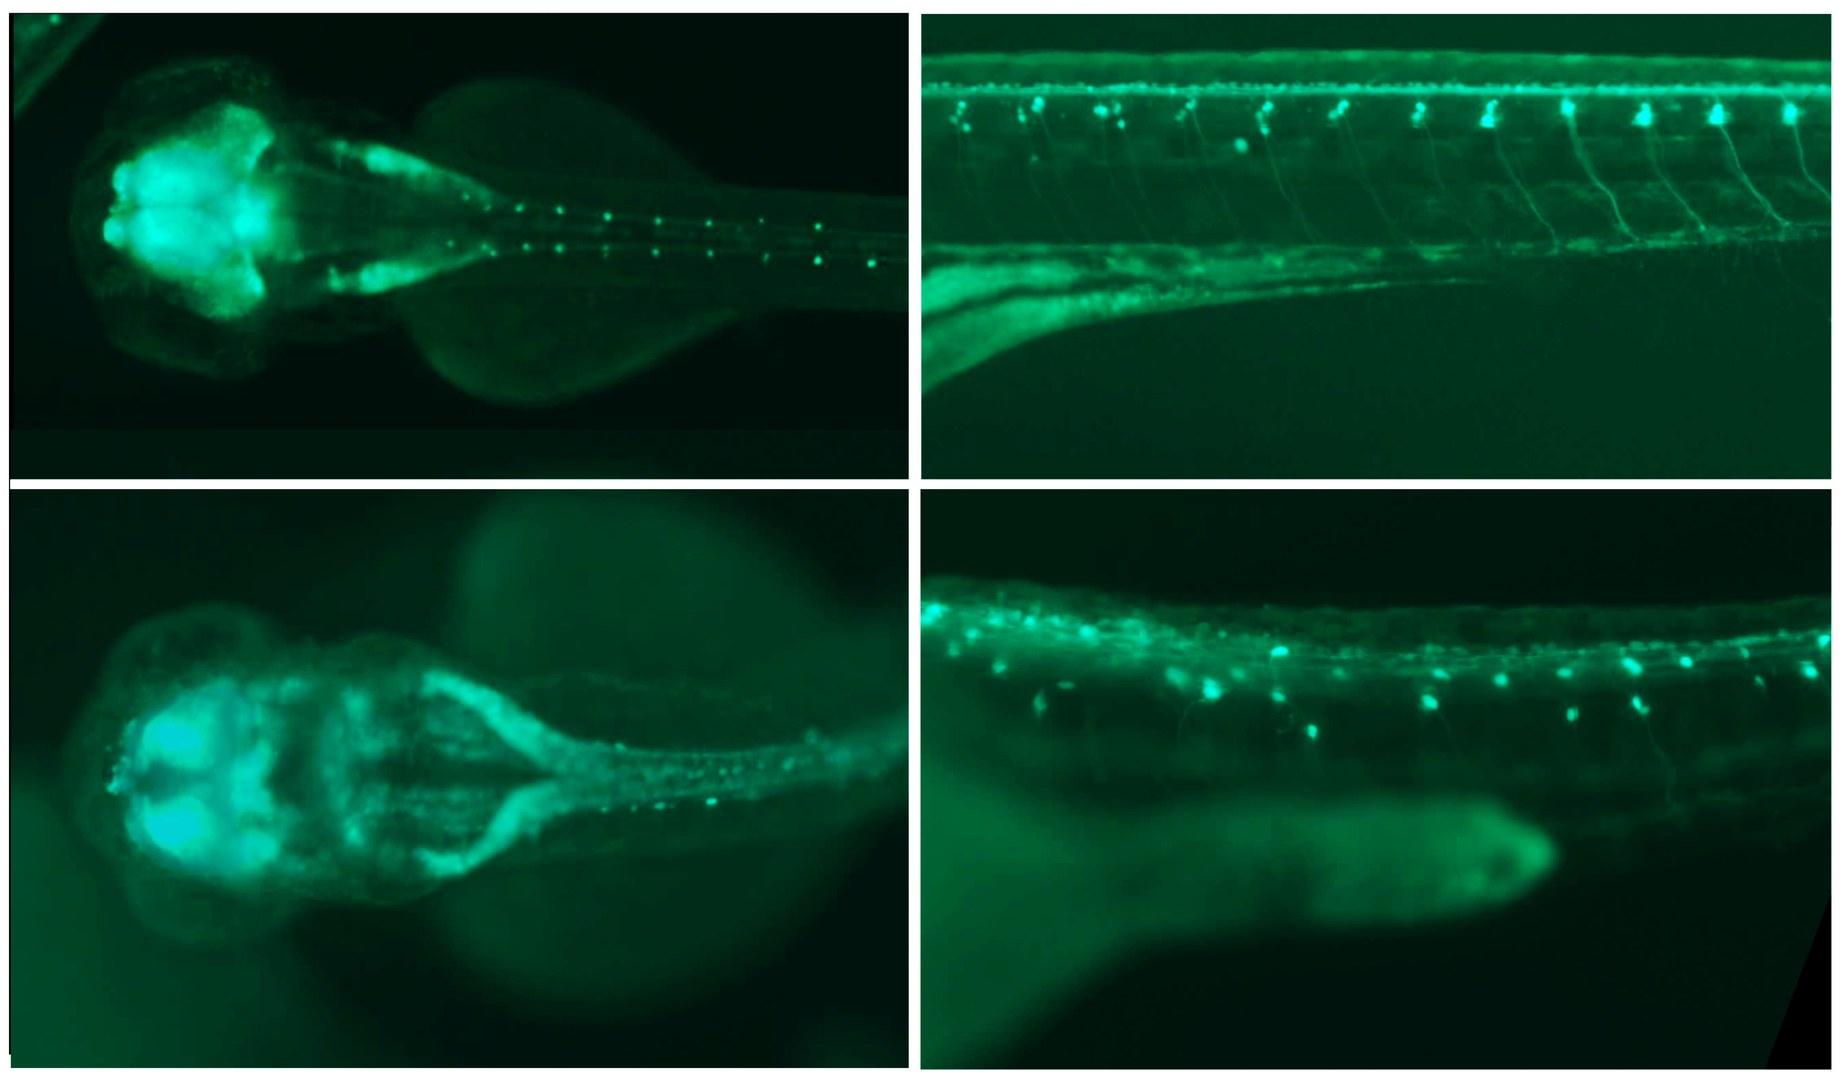 Fluoreszenzaufnahme von zwei Zebrafischembryos